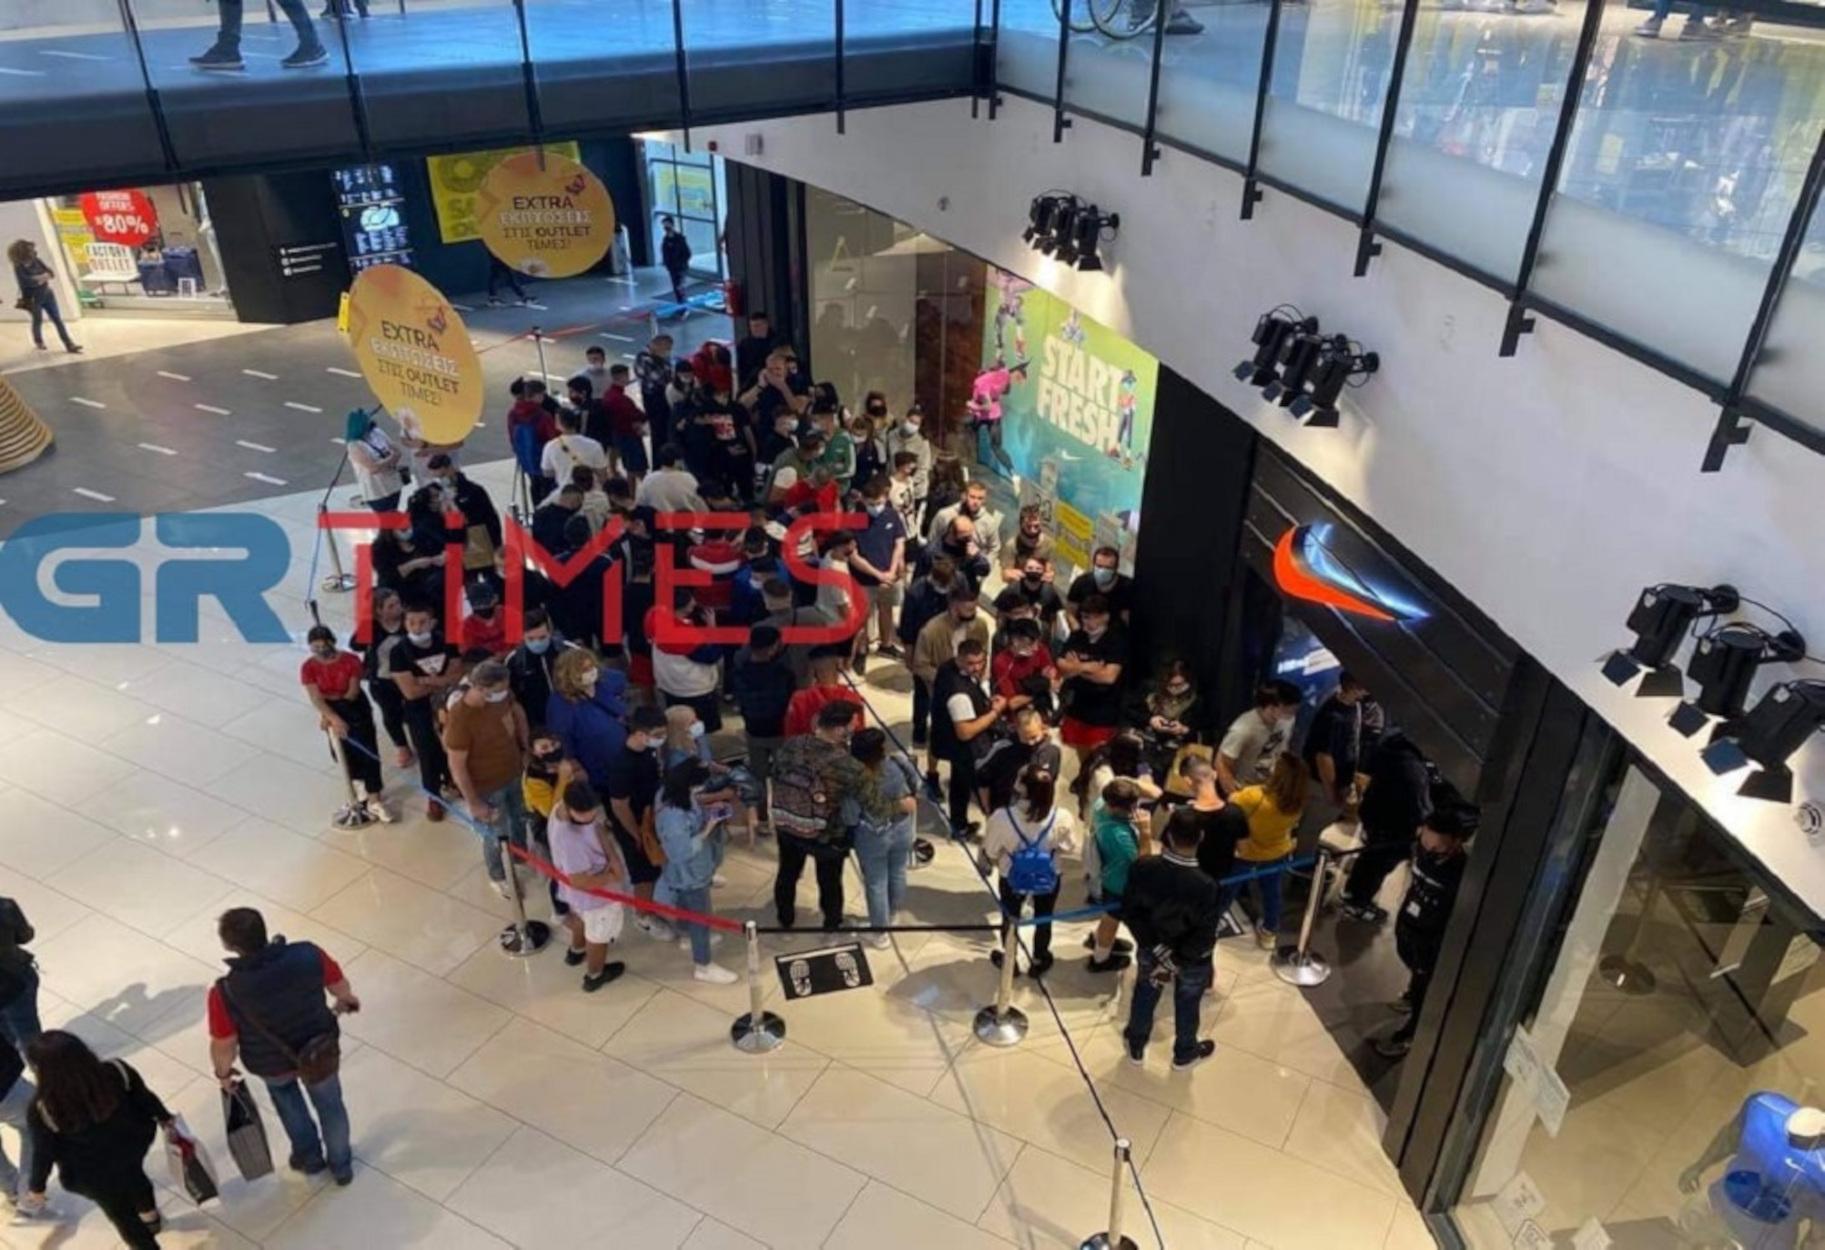 Θεσσαλονίκη: Σκηνές… Black Friday – Ο ένας πάνω στον άλλον έξω από κατάστημα στο mall (pics, video)